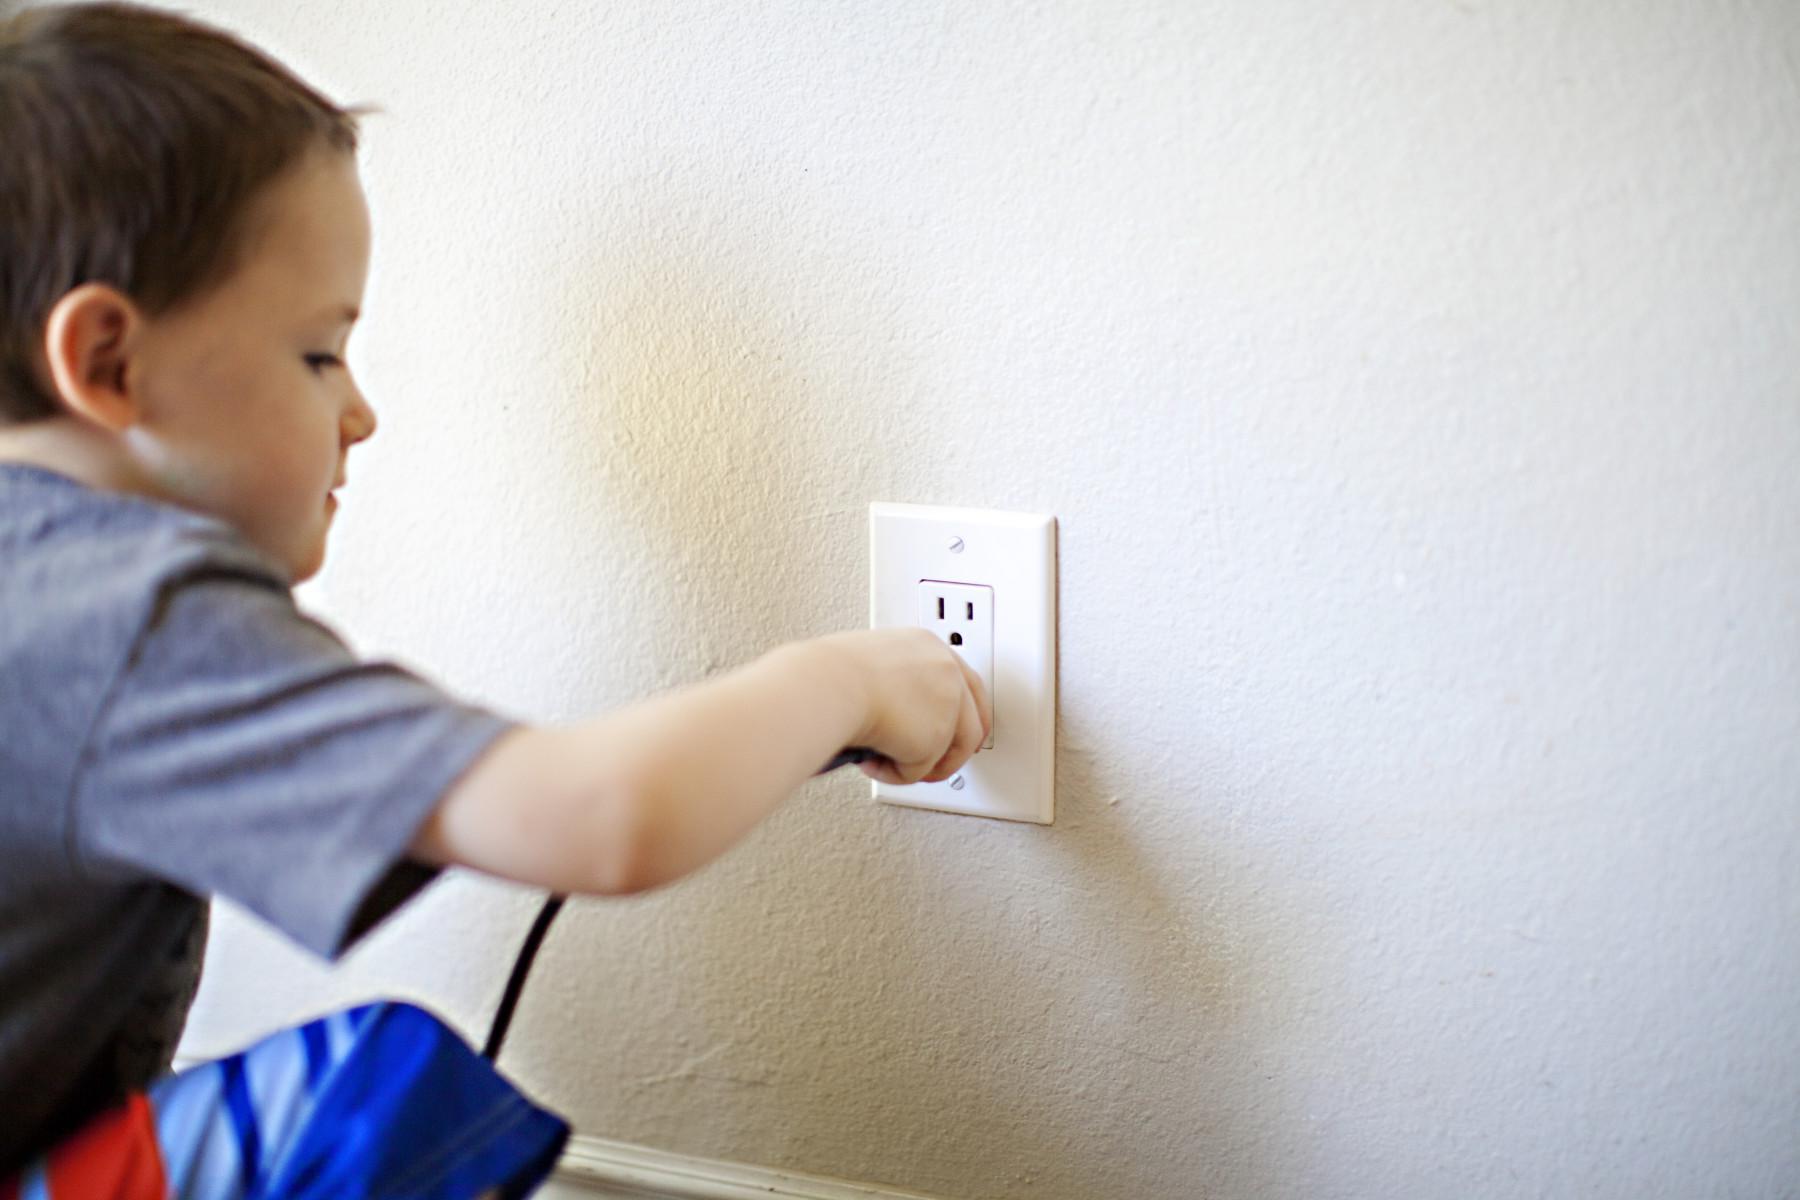 safety tips for kids - Tim Kyle